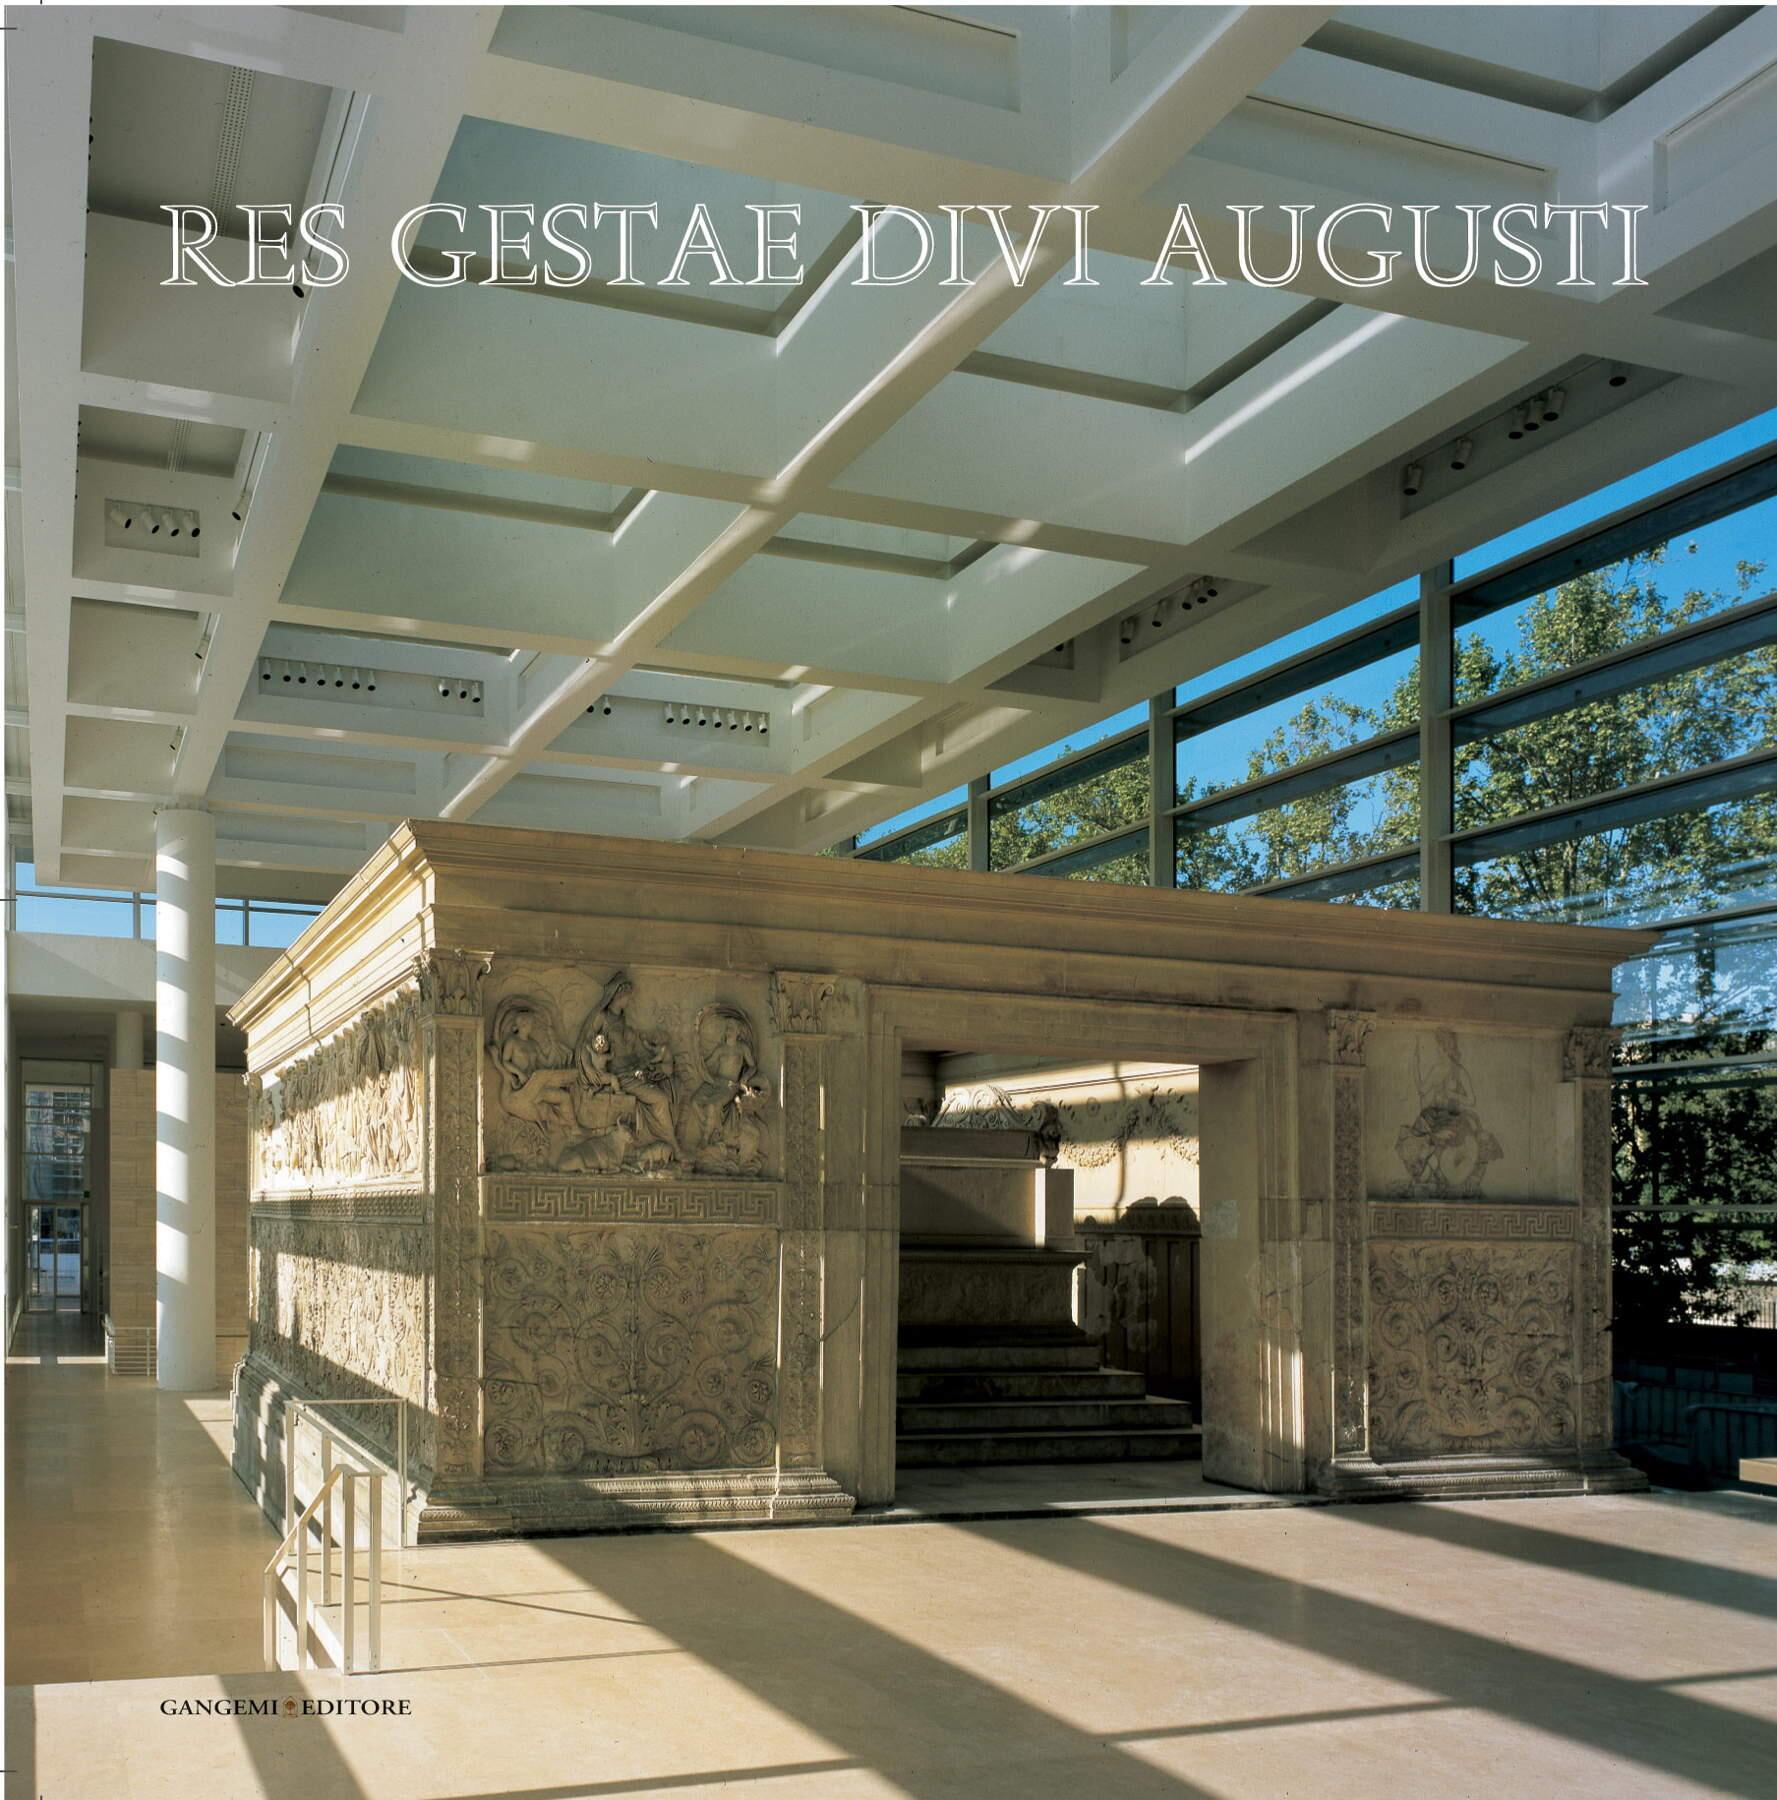 Res gestae divi augusti rossini orietta ebook pdf con drm ibs - Res gestae divi augusti pdf ...